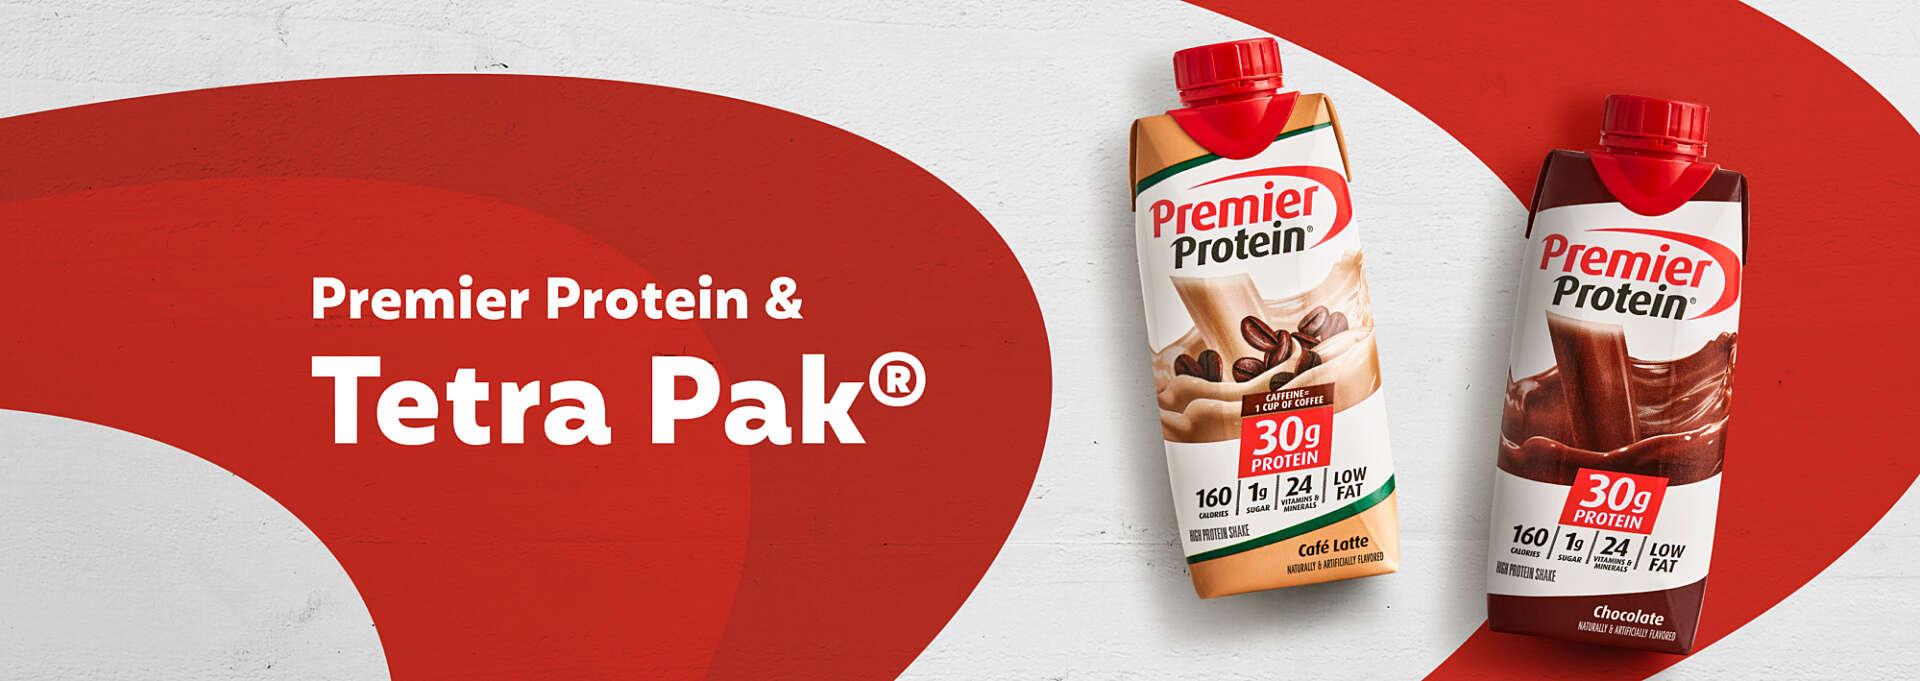 Premier Protein & Tetra Pak